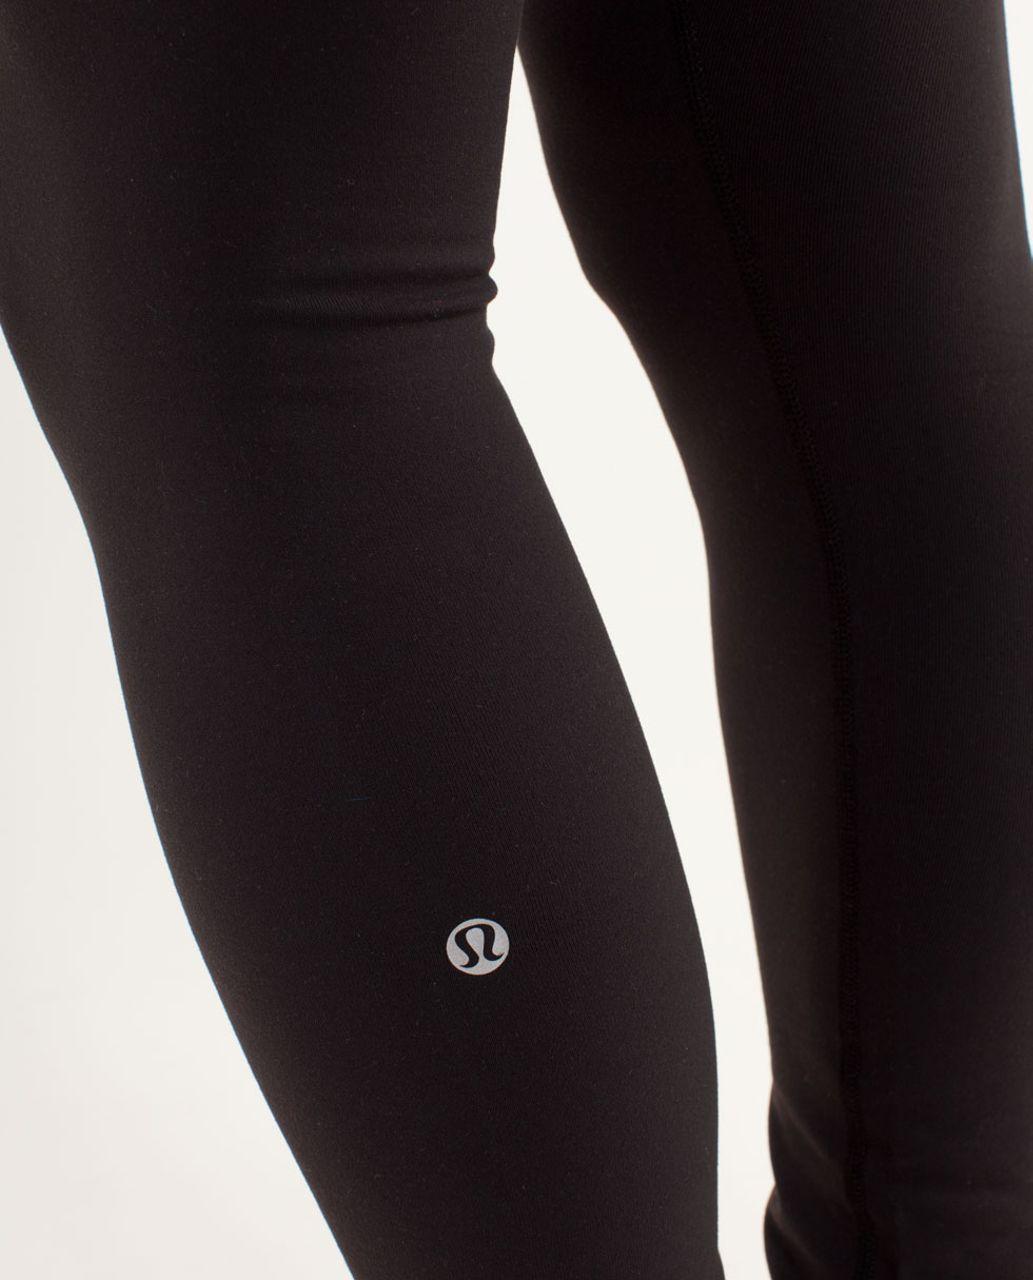 Lululemon Wunder Under Pant - Black / Quilting Winter 8